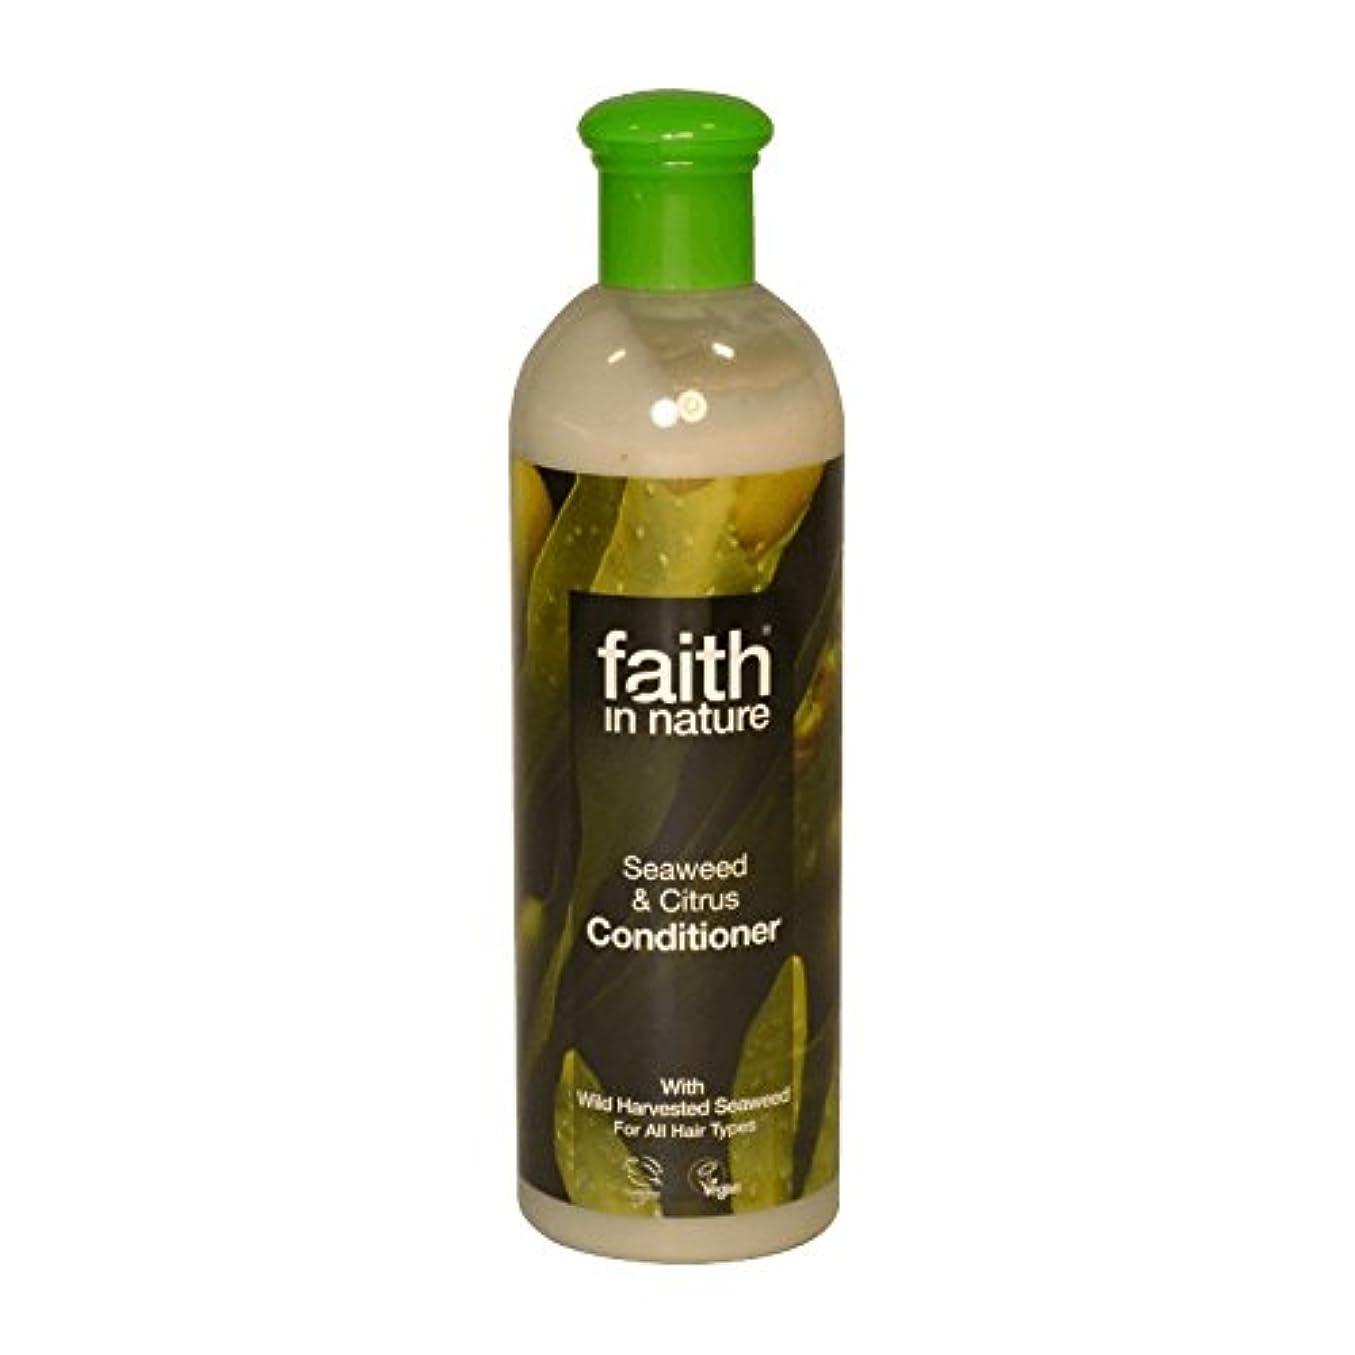 飛び込む視聴者ディスコ自然の海藻&シトラスコンディショナー400ミリリットルの信仰 - Faith in Nature Seaweed & Citrus Conditioner 400ml (Faith in Nature) [並行輸入品]